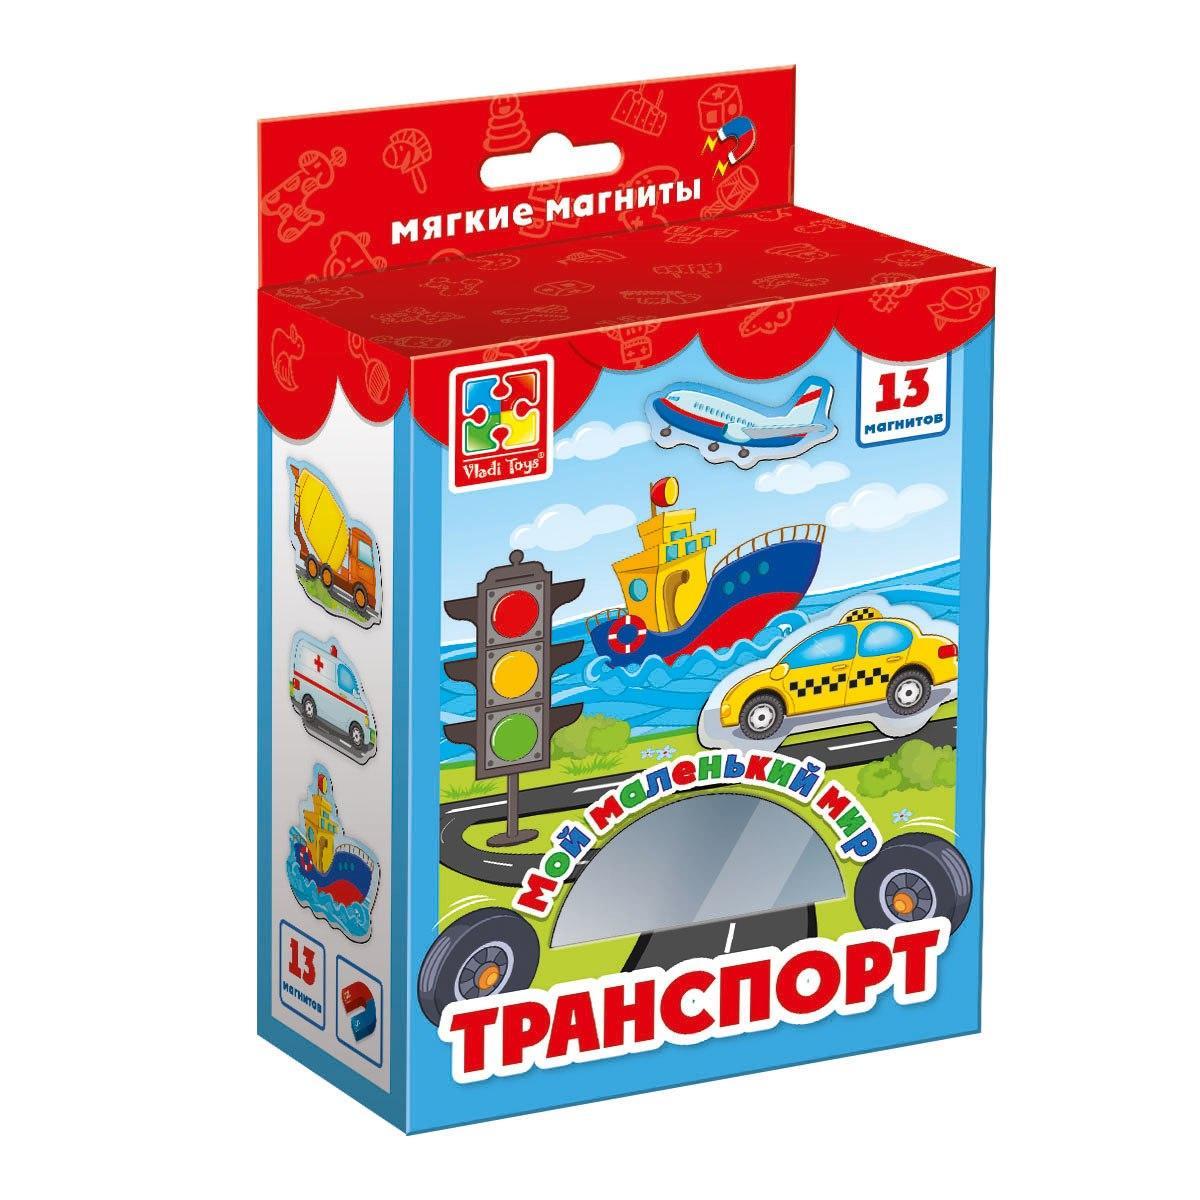 Купить Развивающая игра VLADI TOYS VT3106-04 Мой маленький мир Транспорт, Украина